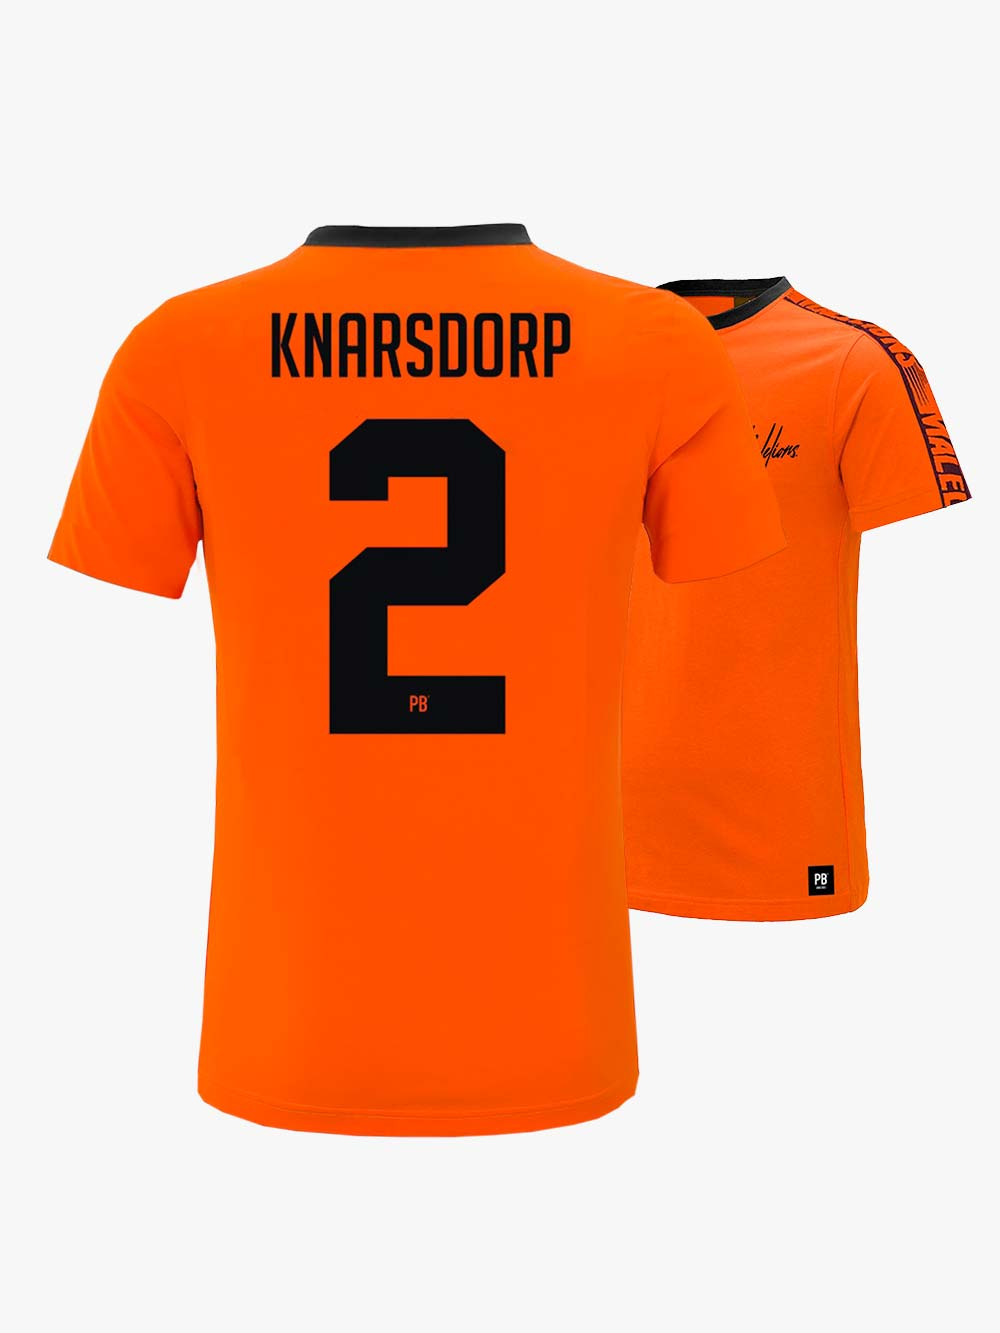 Malelions-2-Knarsdorp-EK2021-shirt